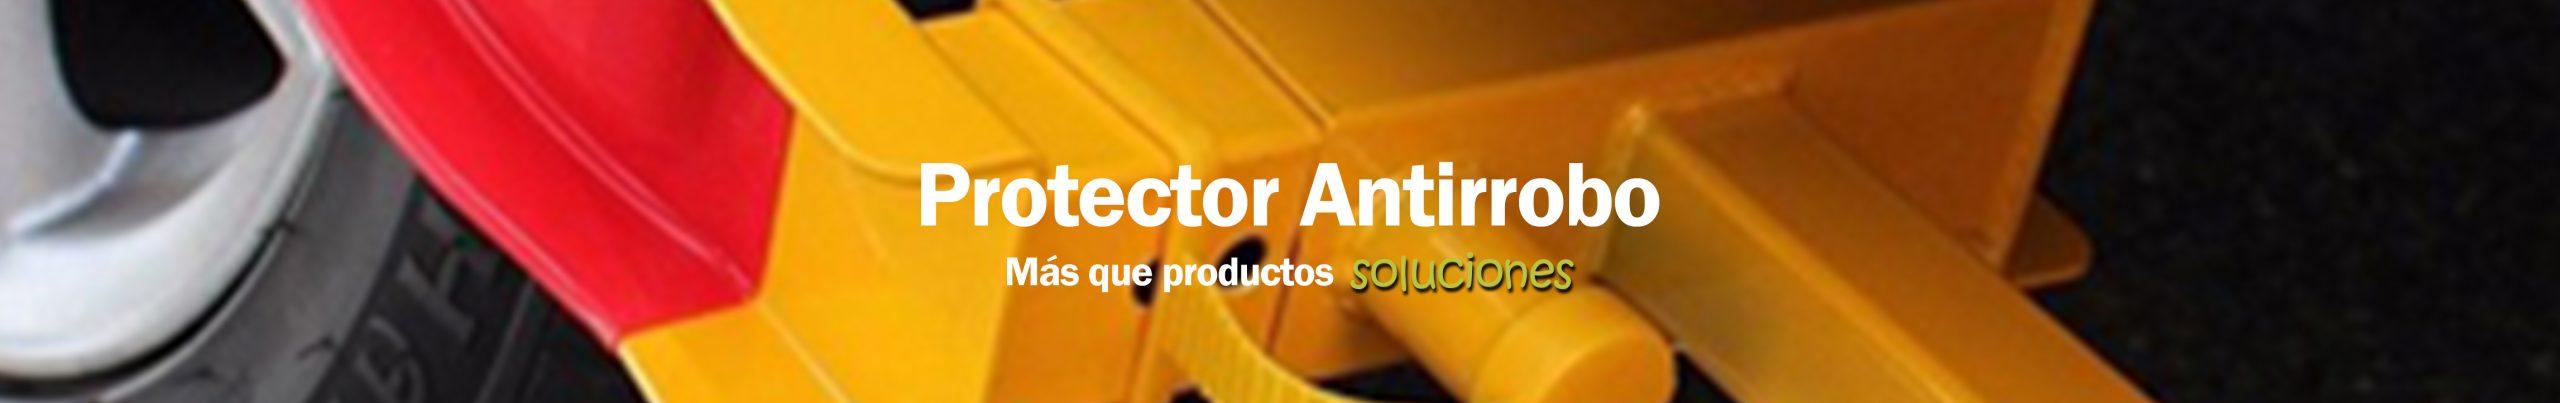 Protector antirrobo